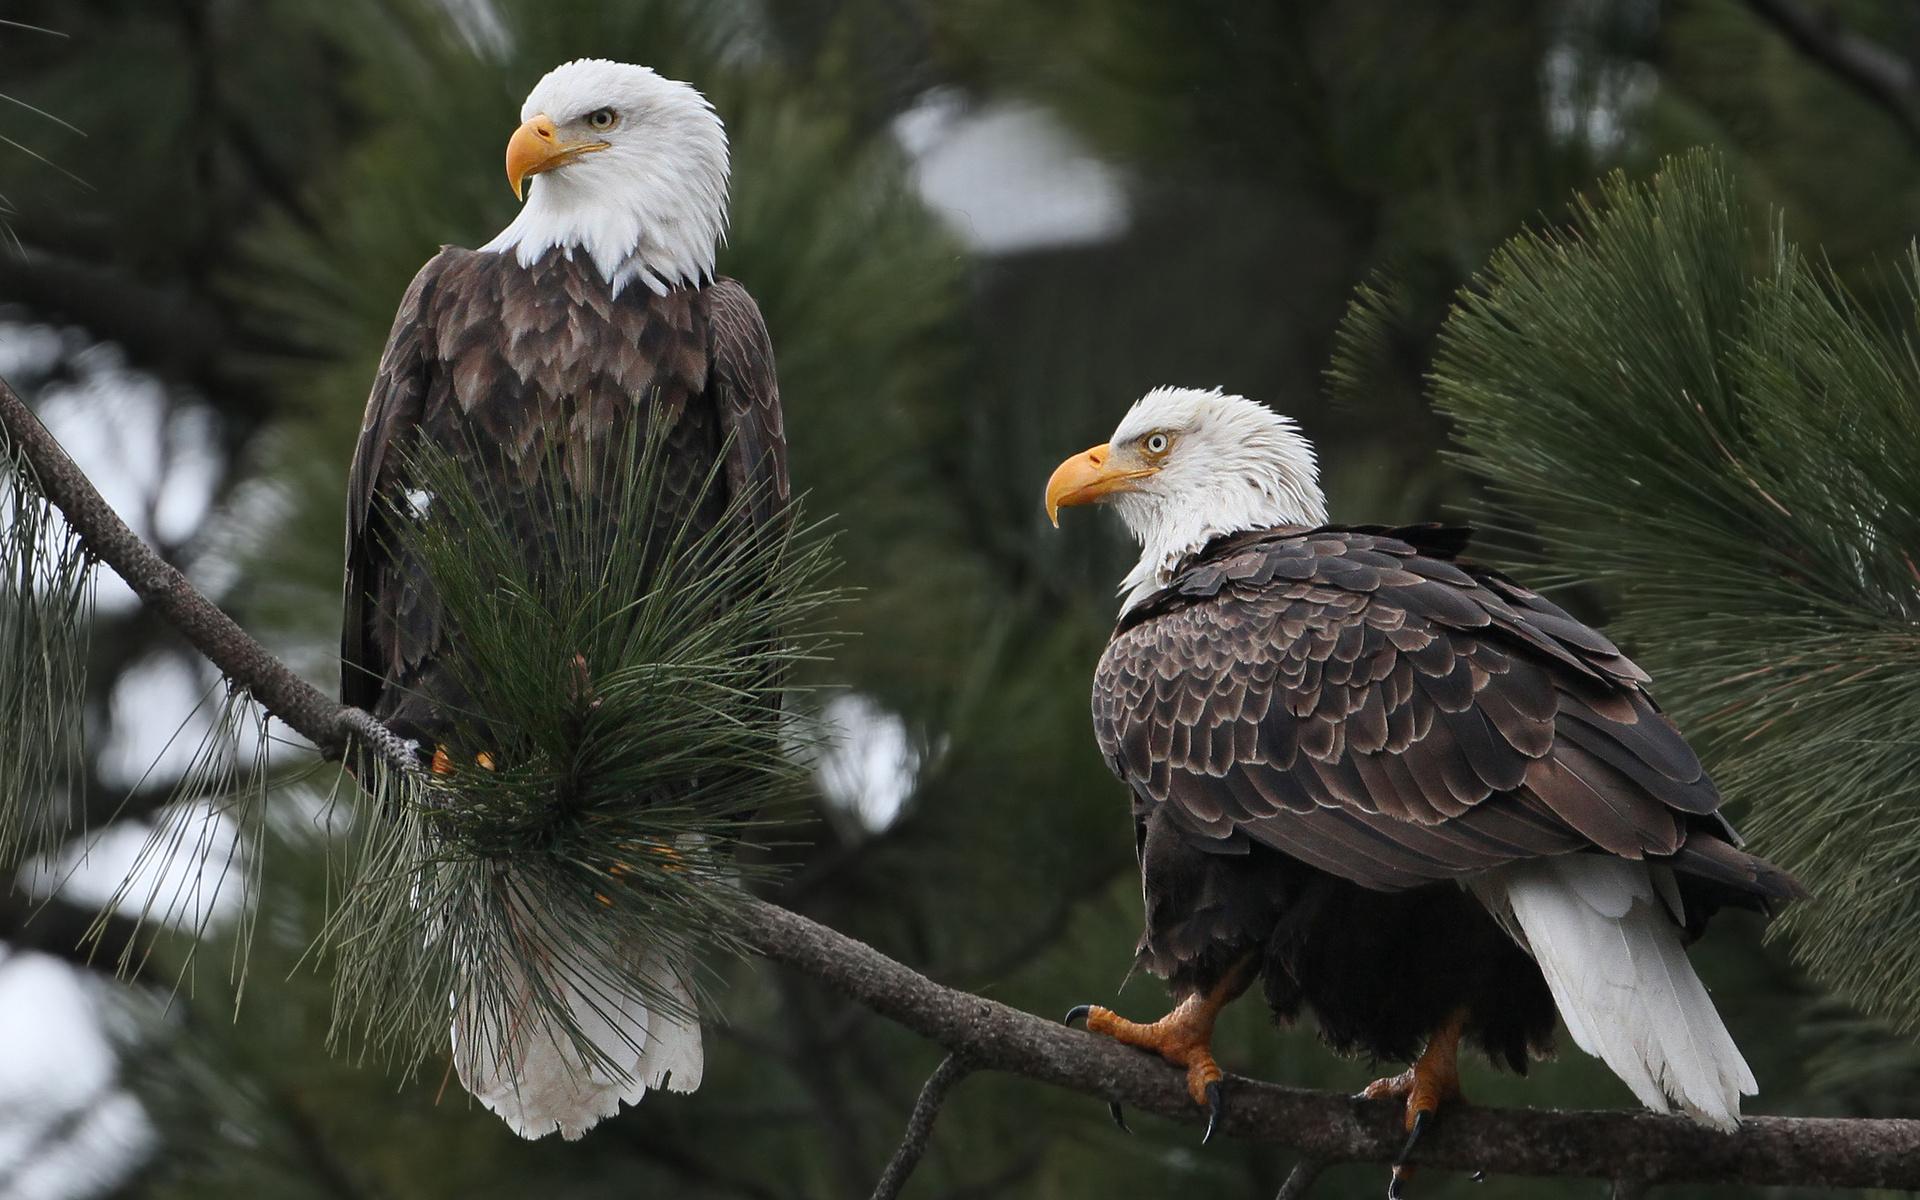 Patriotic Bald Eagle Wallpaper - WallpaperSafari